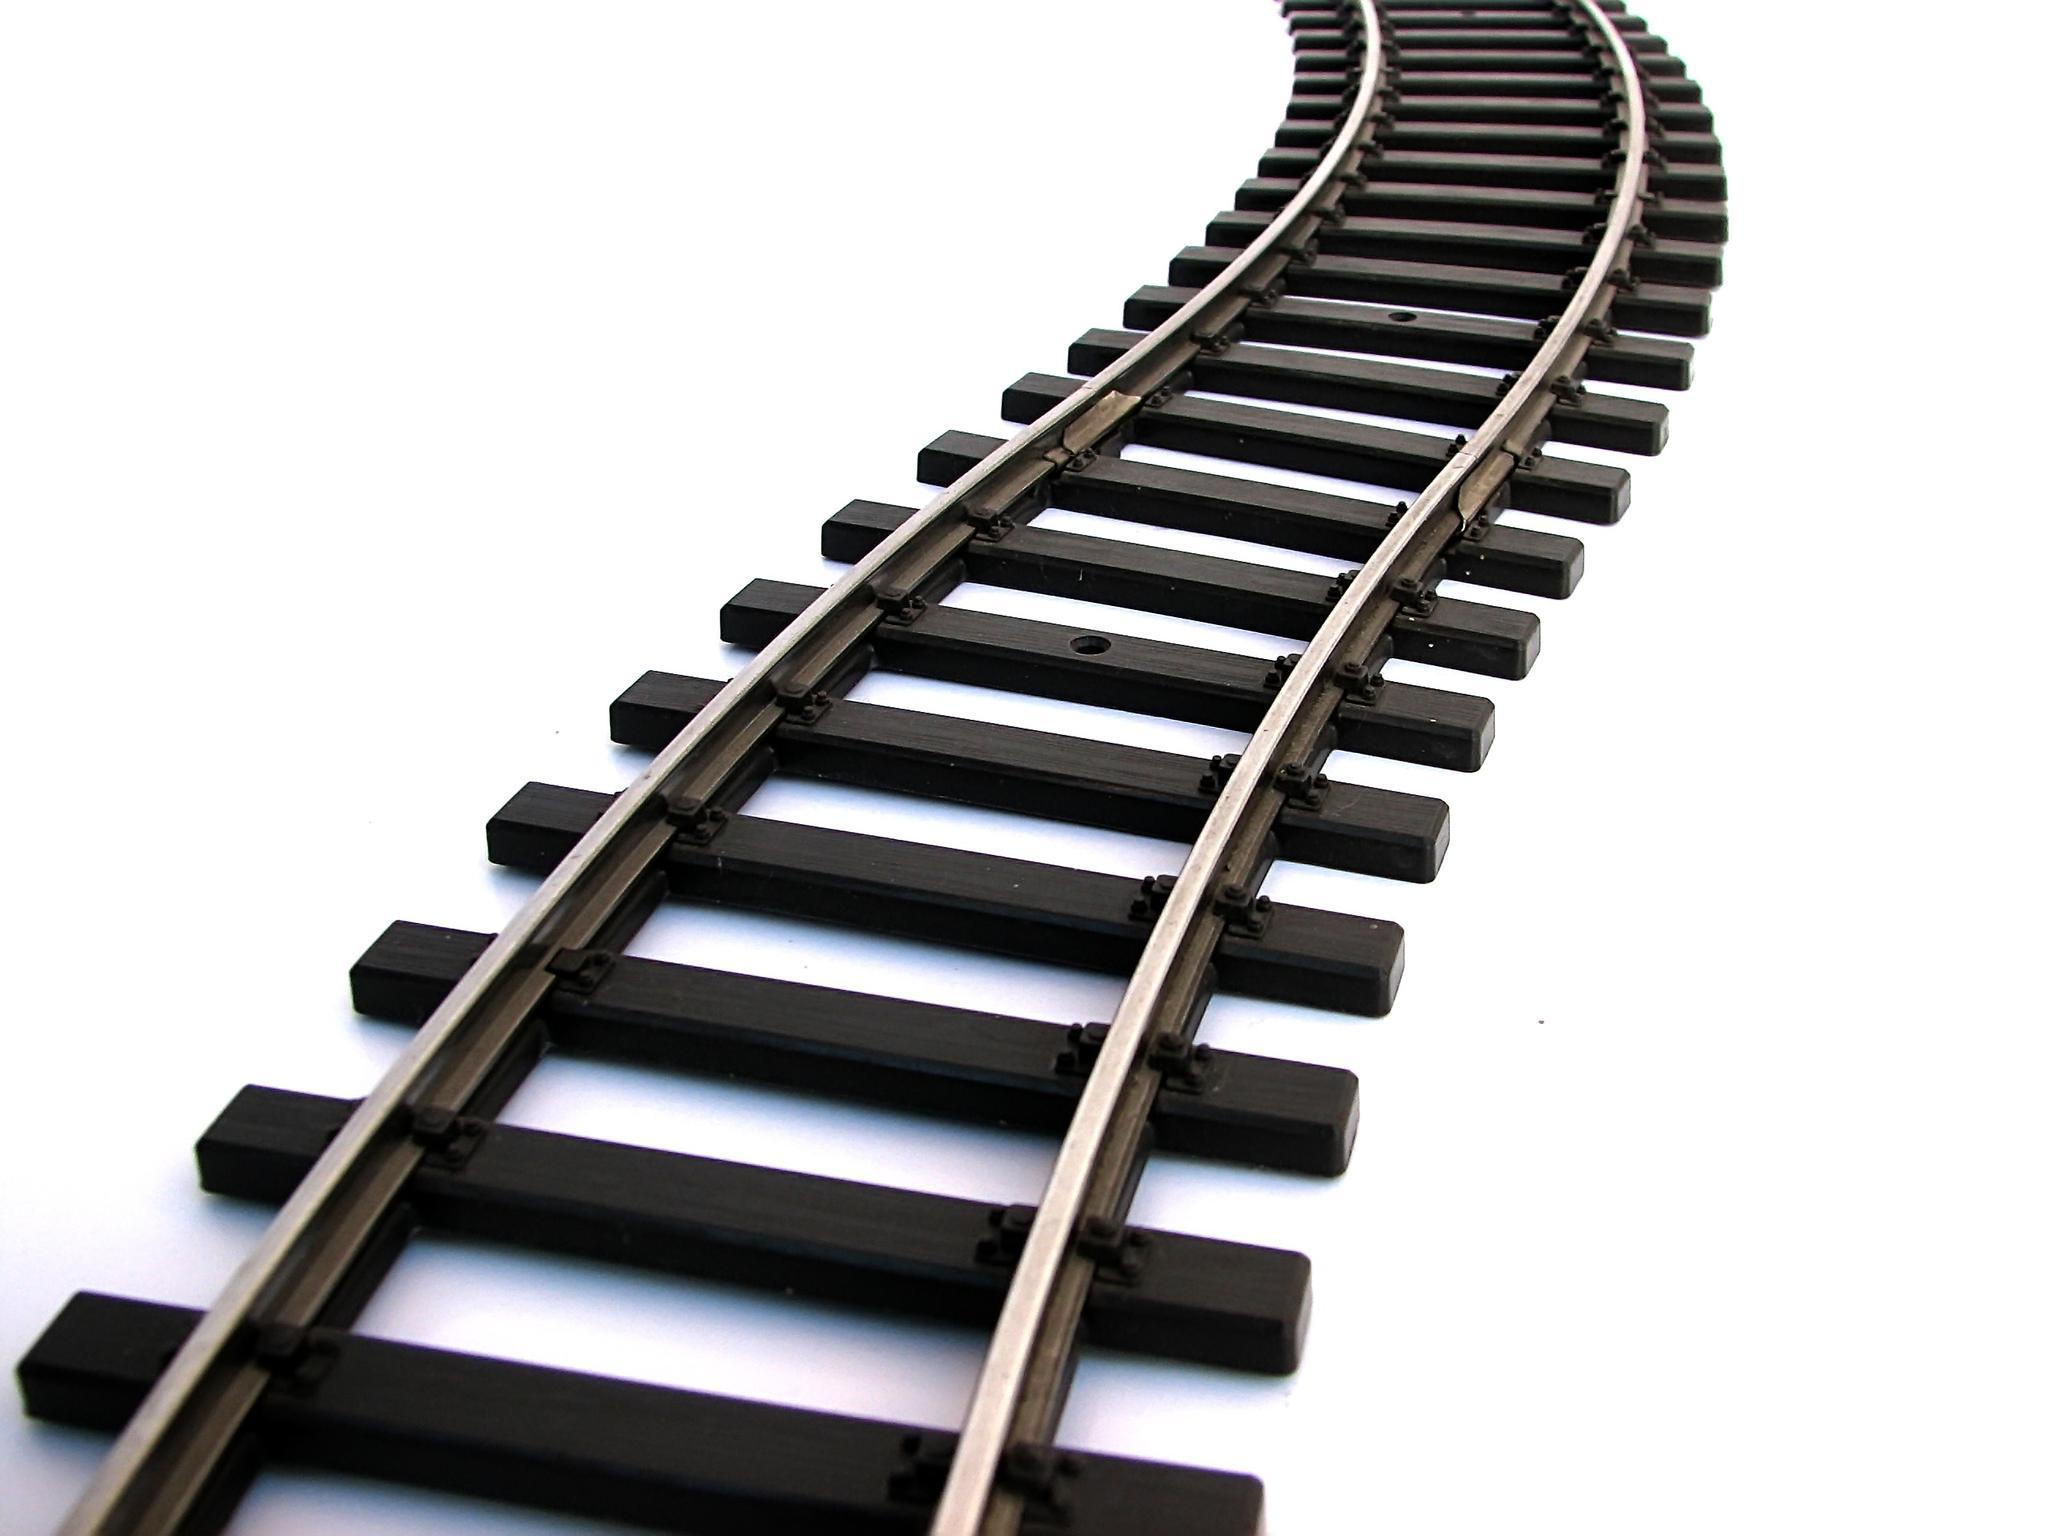 Train Track Clipart. Railroad .-Train Track Clipart. Railroad .-11